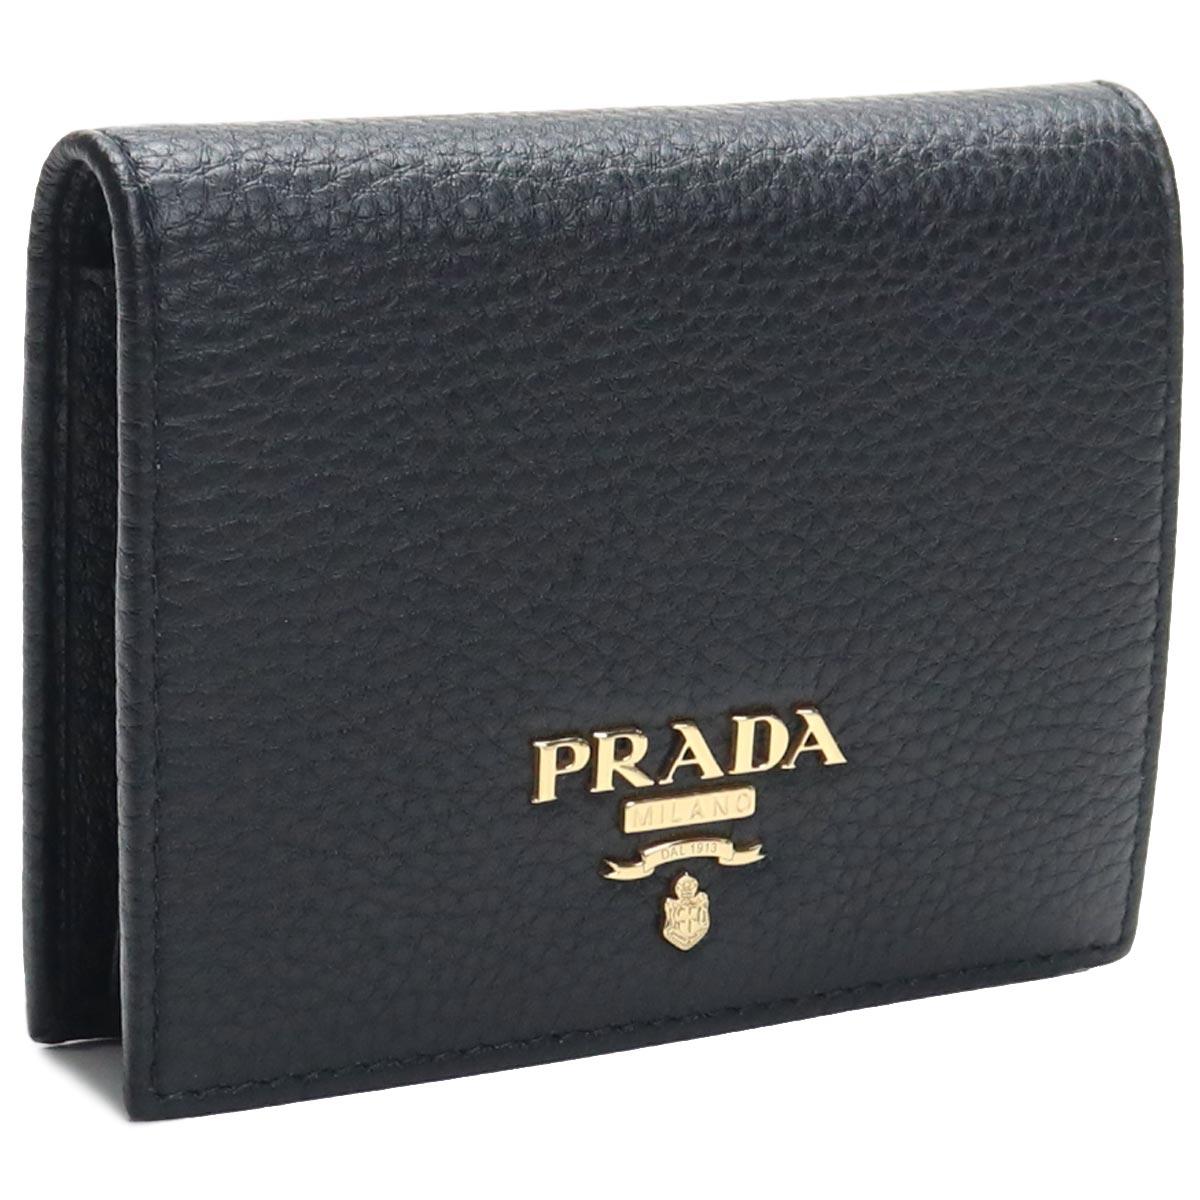 プラダ アウトレット PRADA(OUTLET) 2つ折り財布 コンパクト財布 1MV204-O 2E3A F0002 NERO ブラック レディース